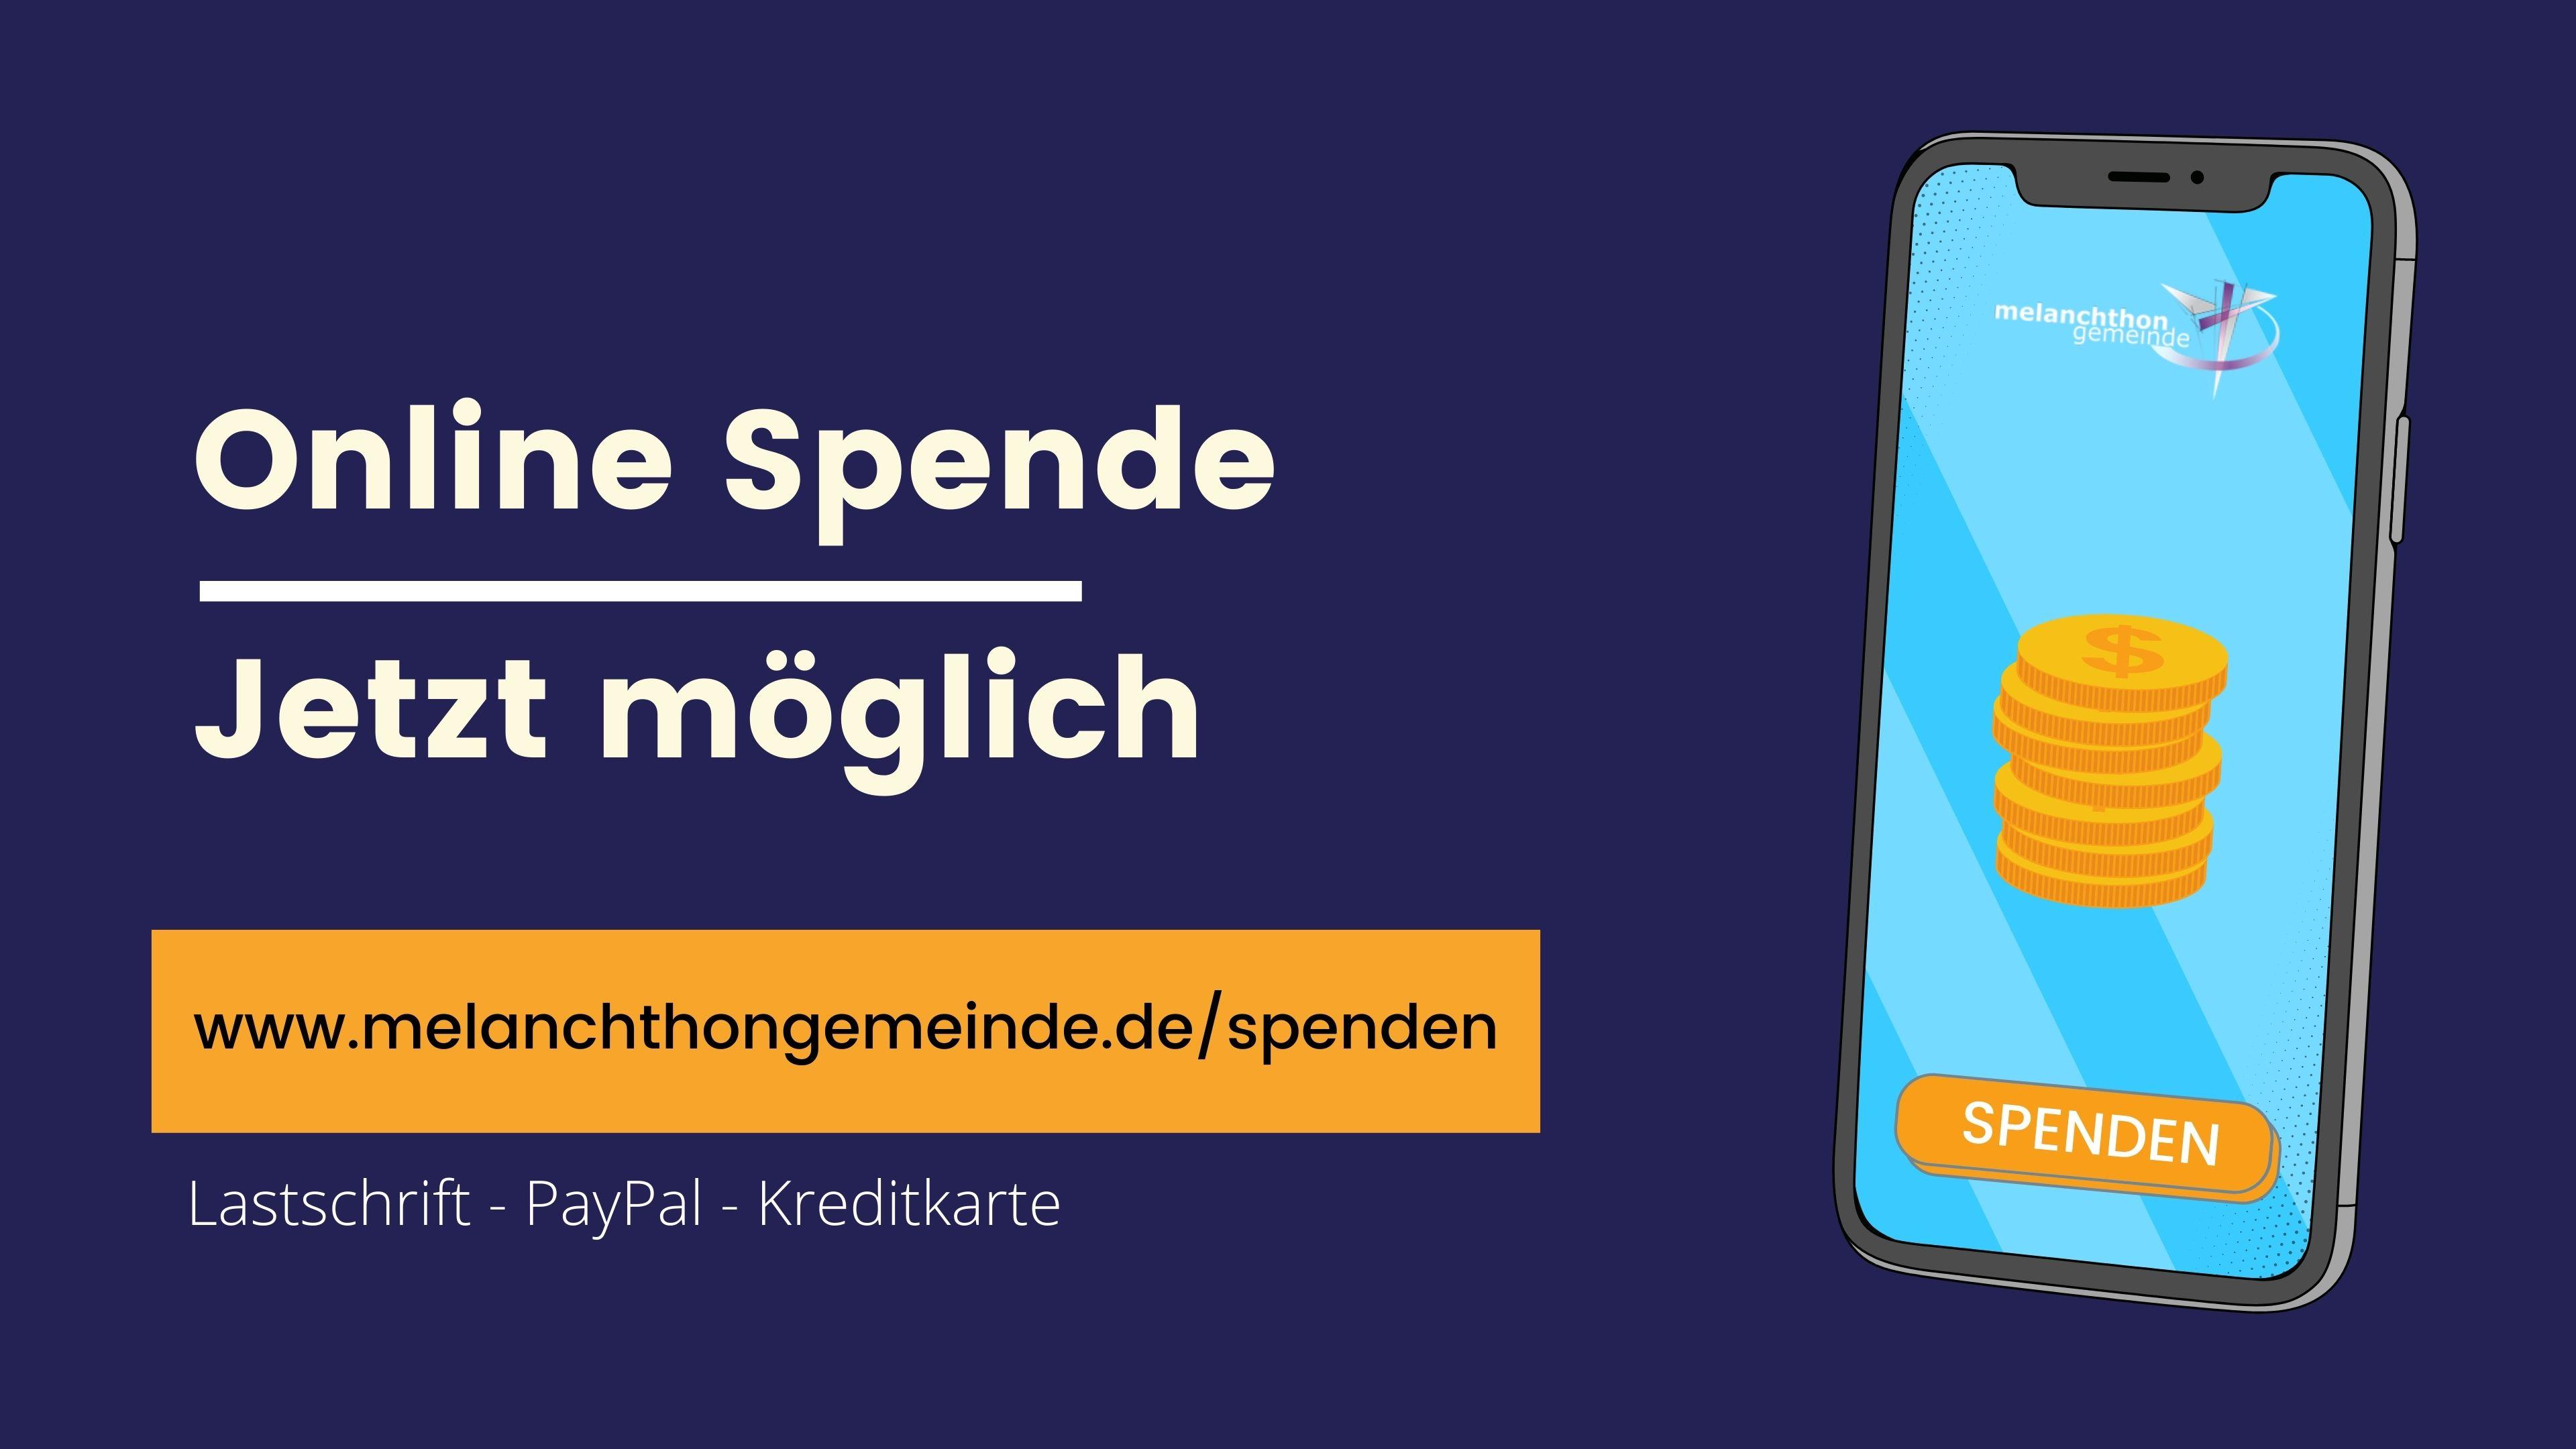 Online spende möglich unter https://melanchthongemeinde.de/spende